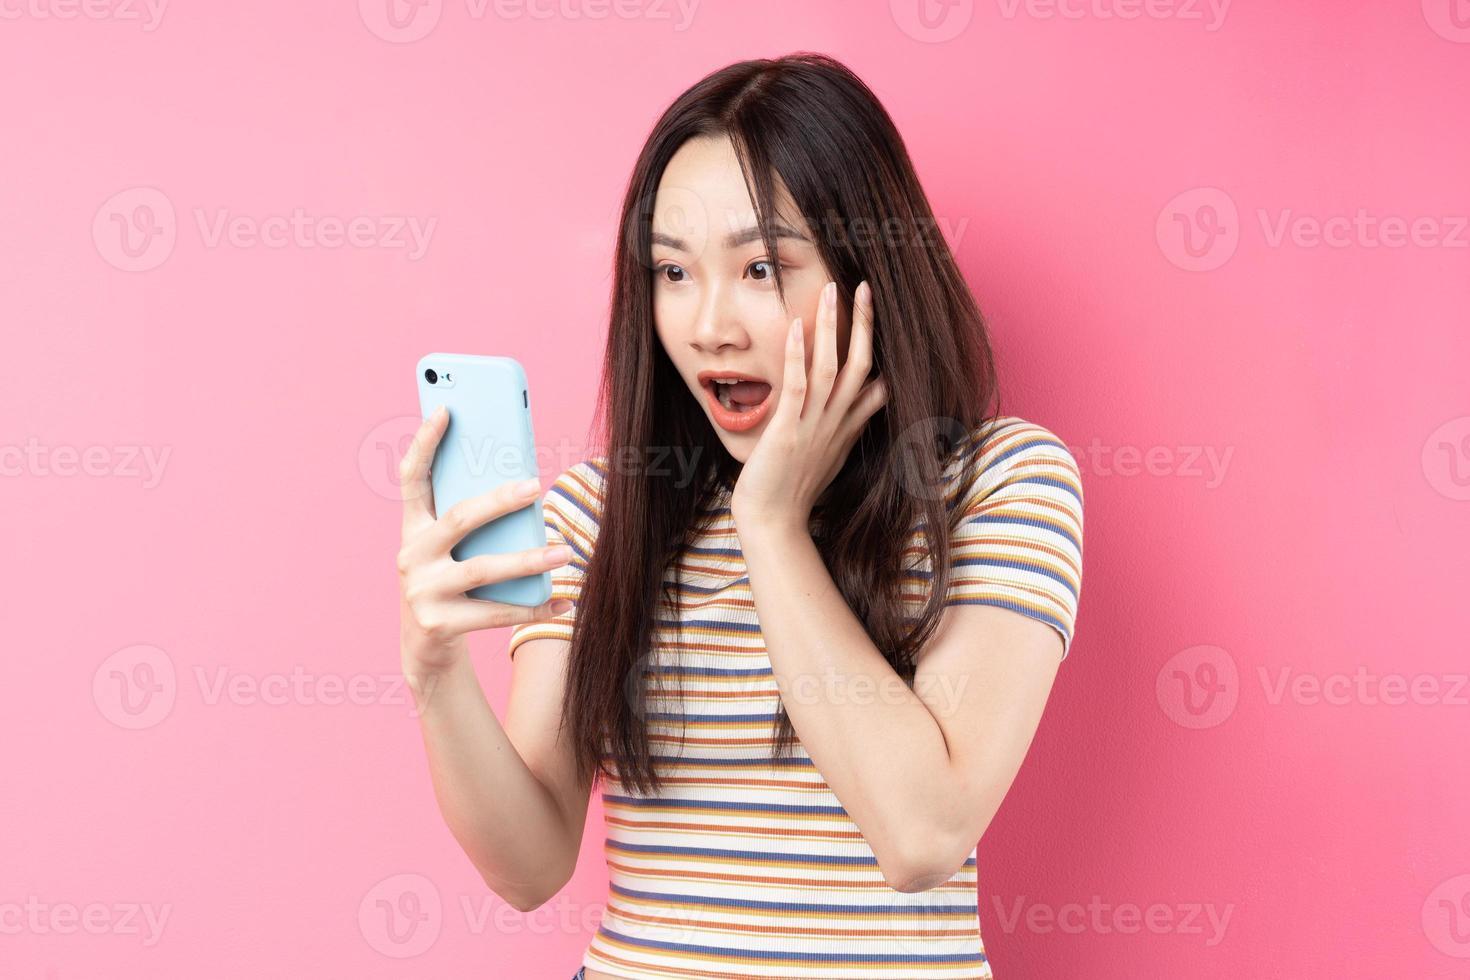 jeune femme asiatique utilisant un smartphone sur fond rose photo